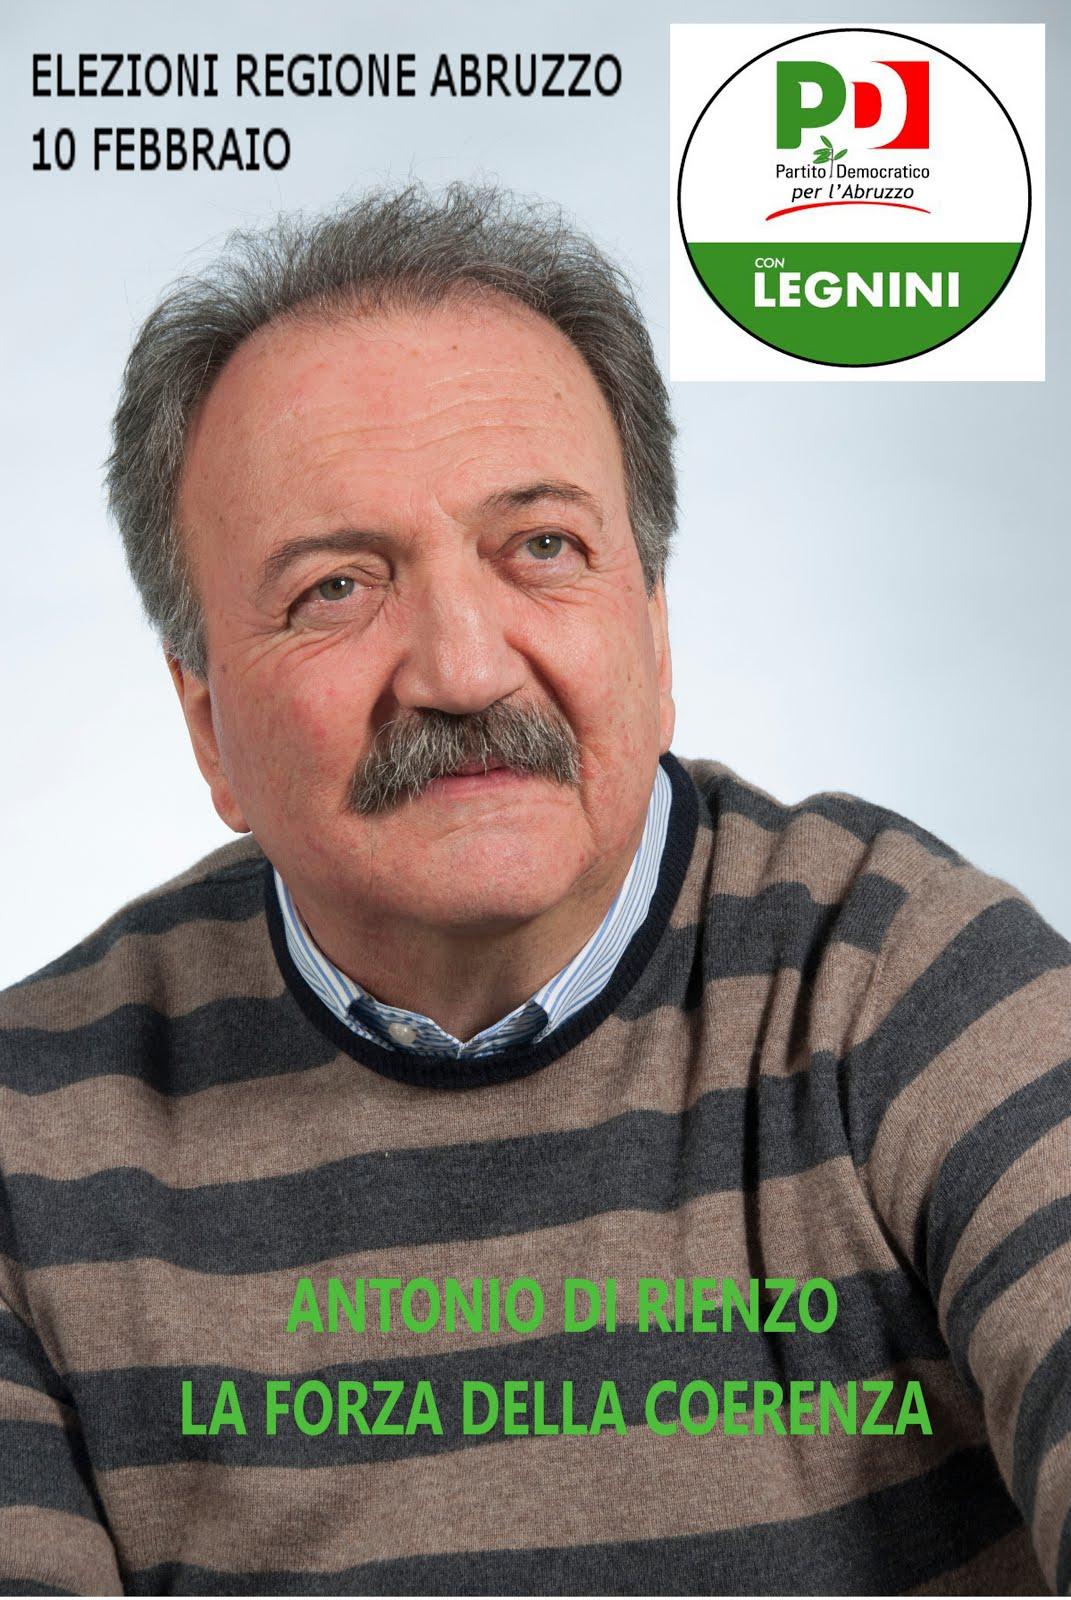 ELEZIONI REGIONALI 2019 - MESSAGGIO ELETTORALE A PAGAMENTO